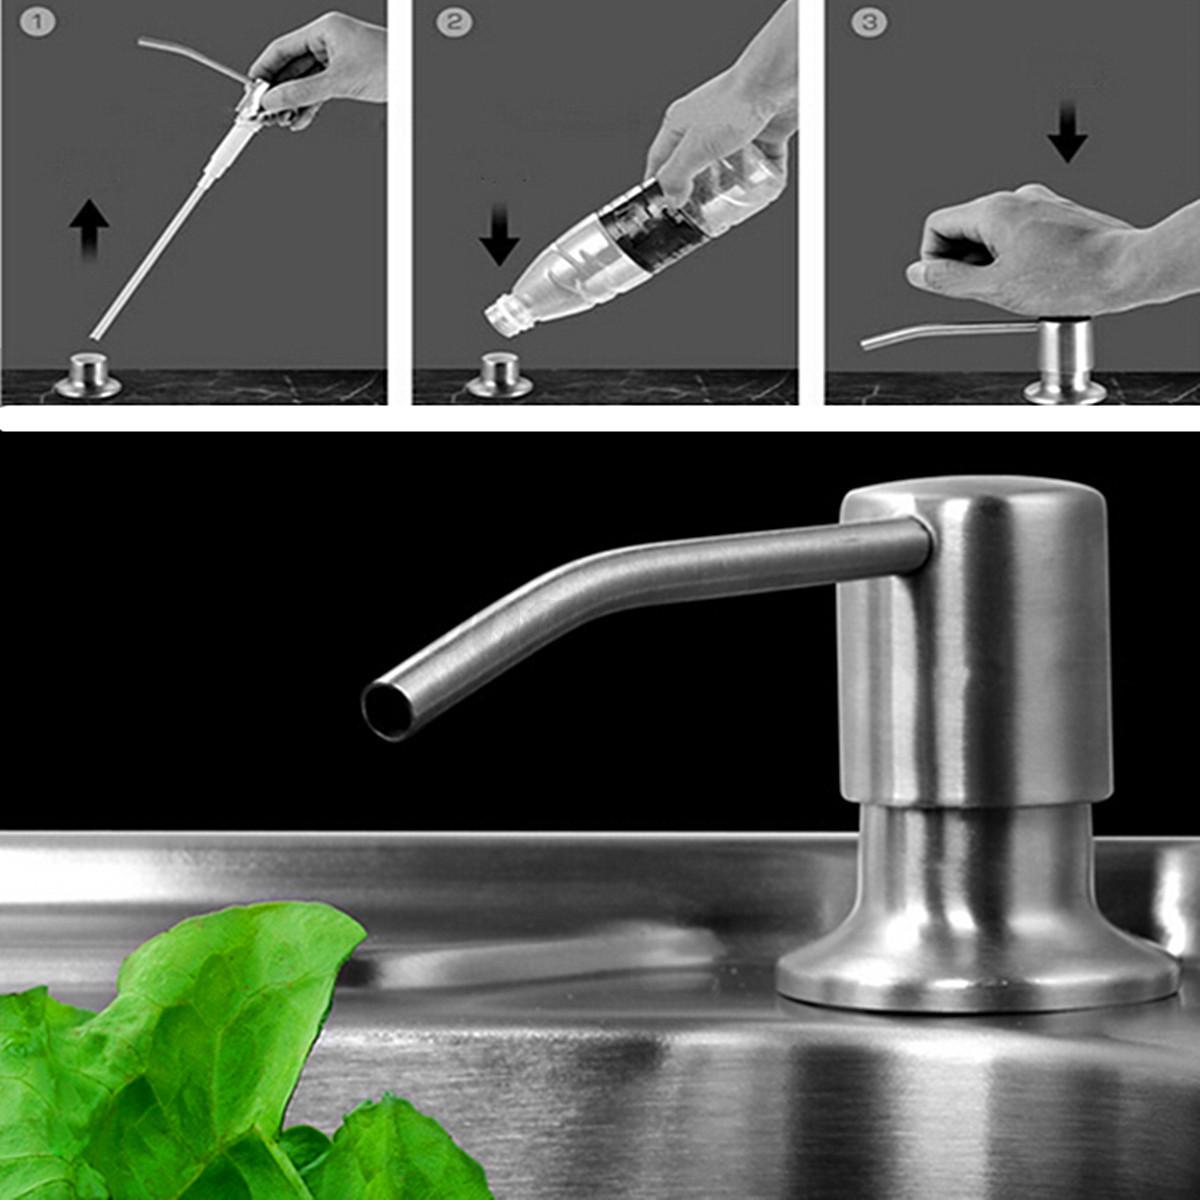 pla 350ml kitchen sink liquid bathroom soap dispenser brushed nickel head bottle. Black Bedroom Furniture Sets. Home Design Ideas